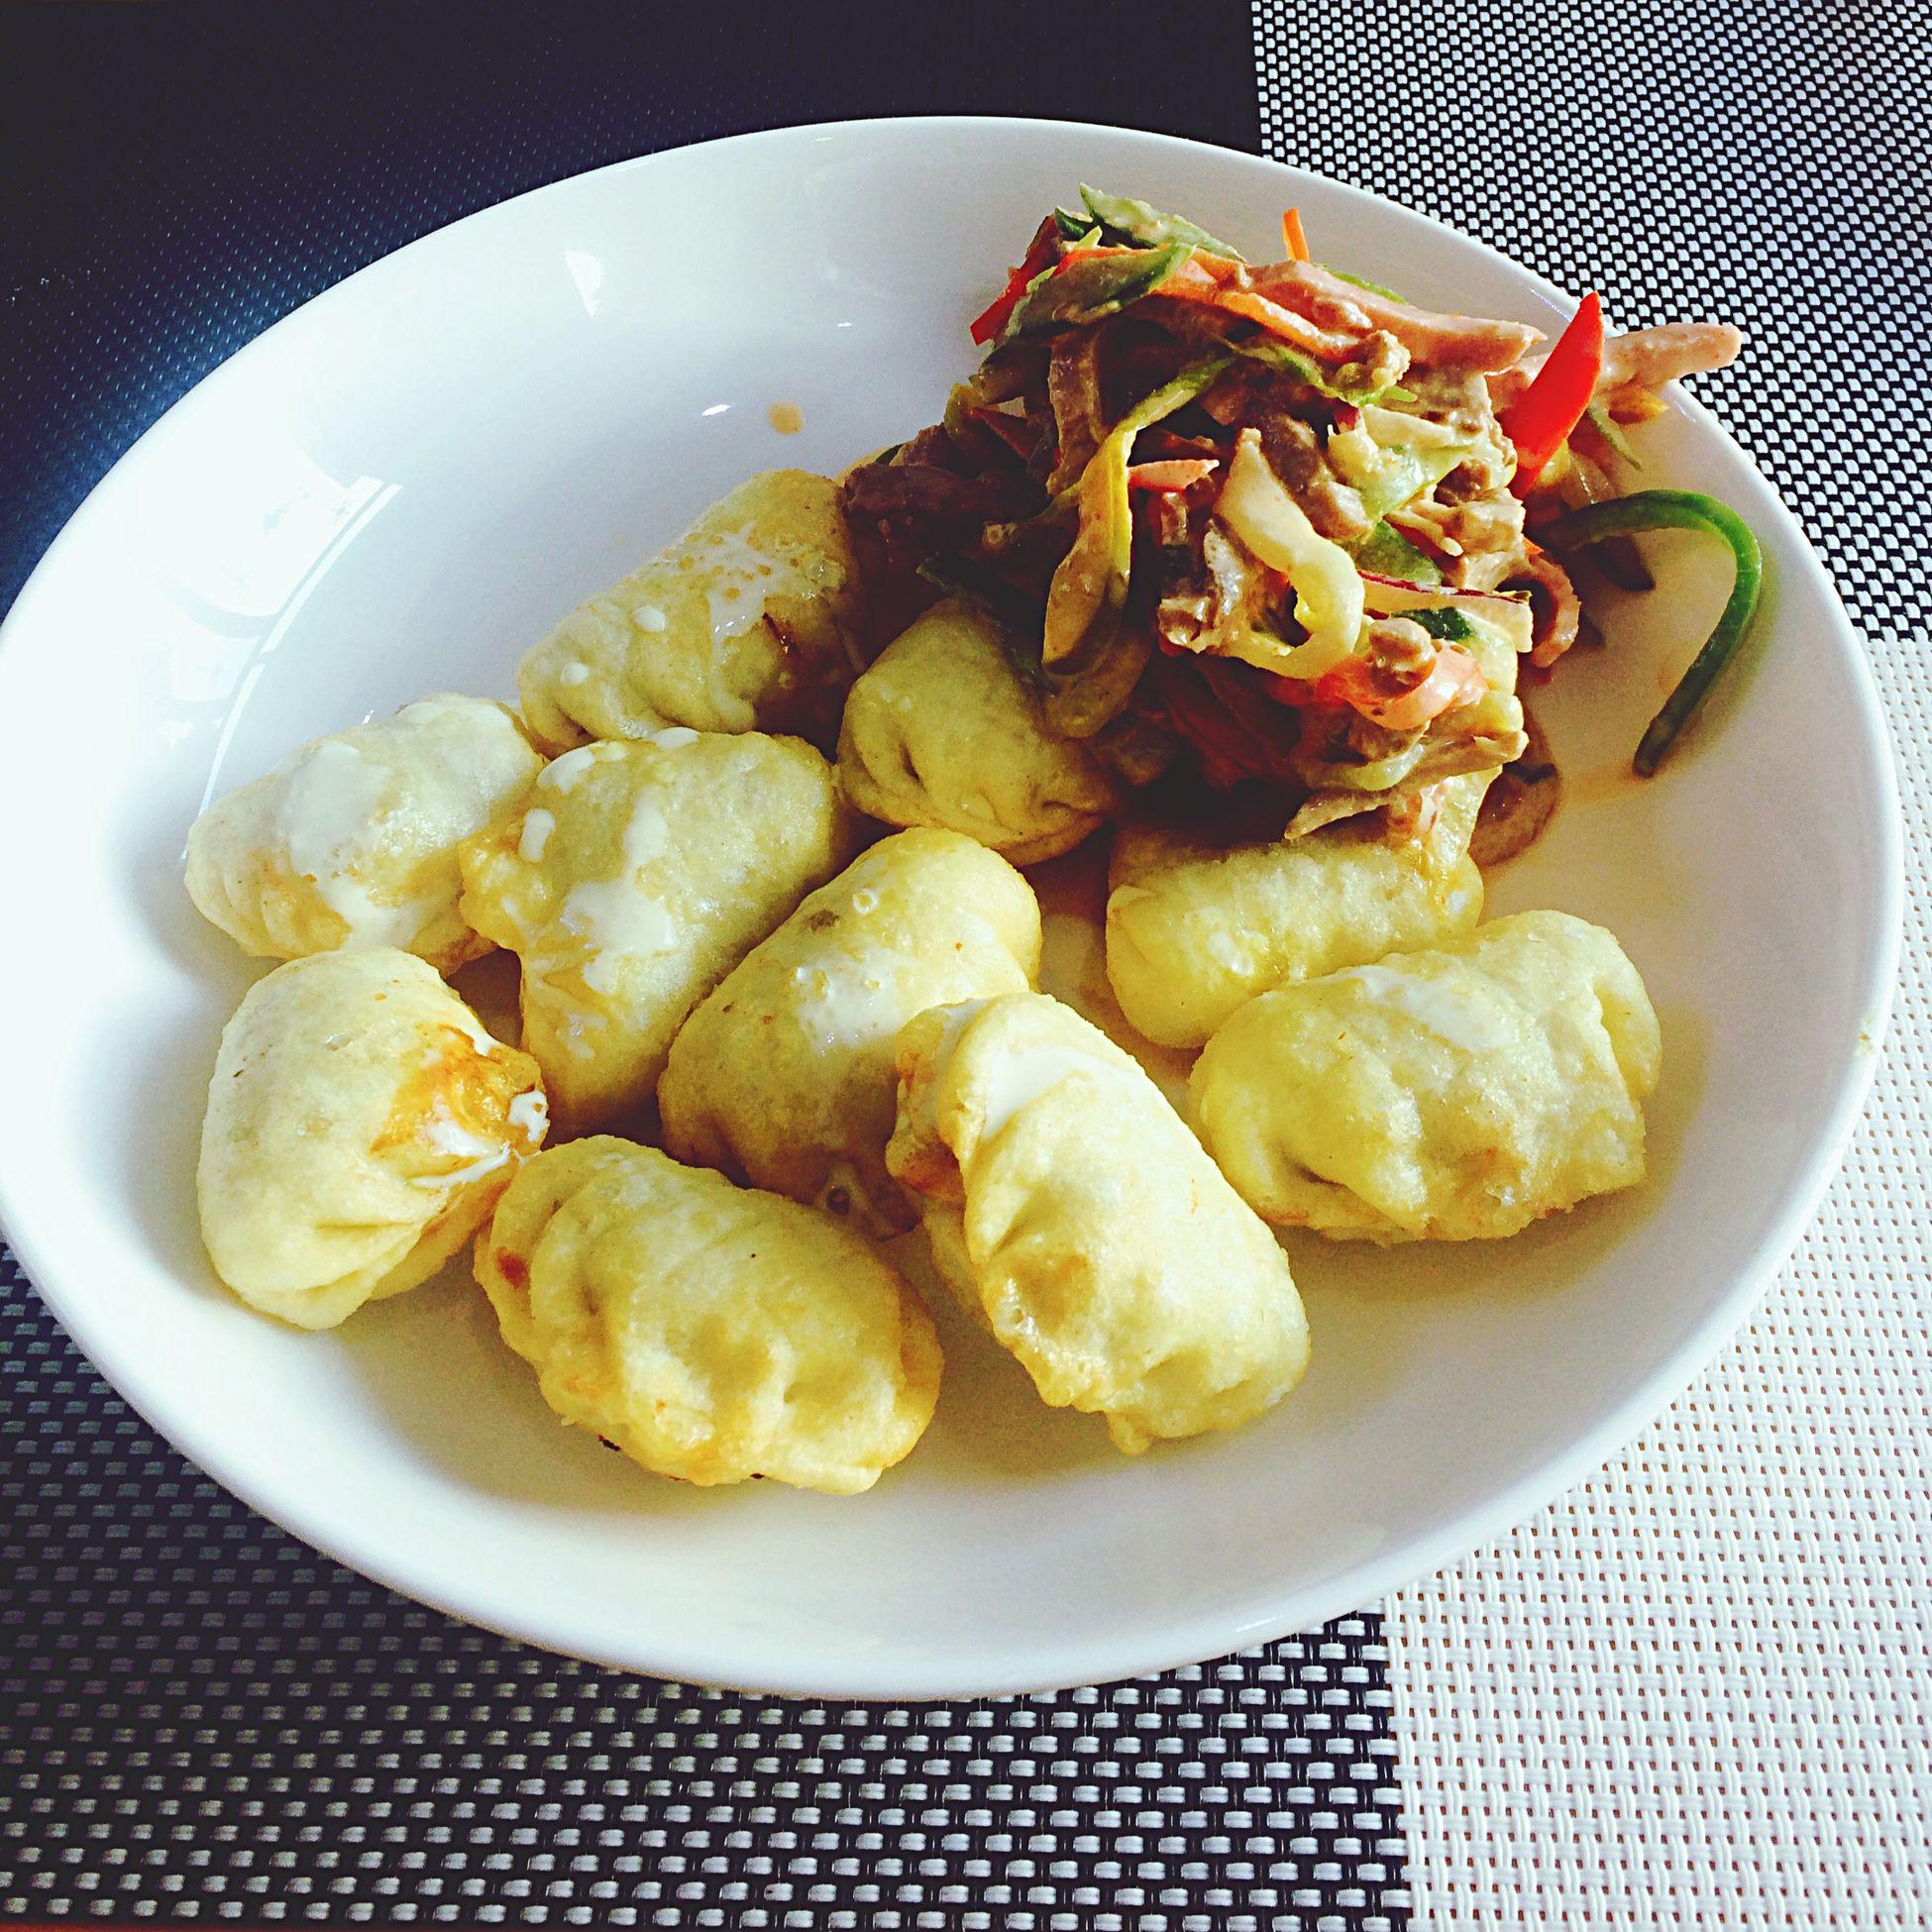 Naranbileg Restourant Lunch Time! Fried Dumpling